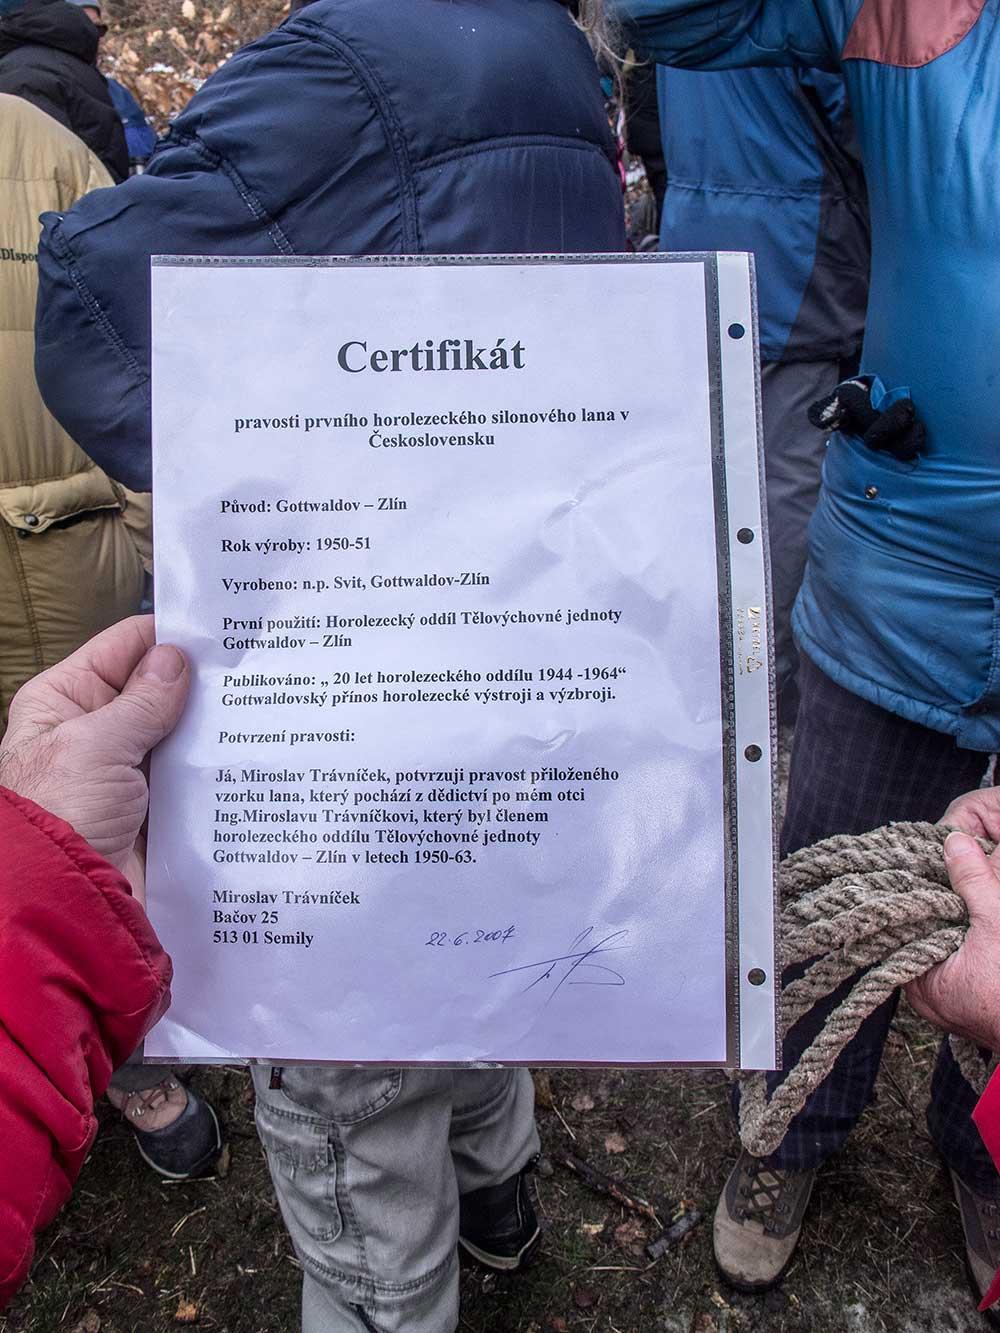 Certifikát pravosti prvního českého lana